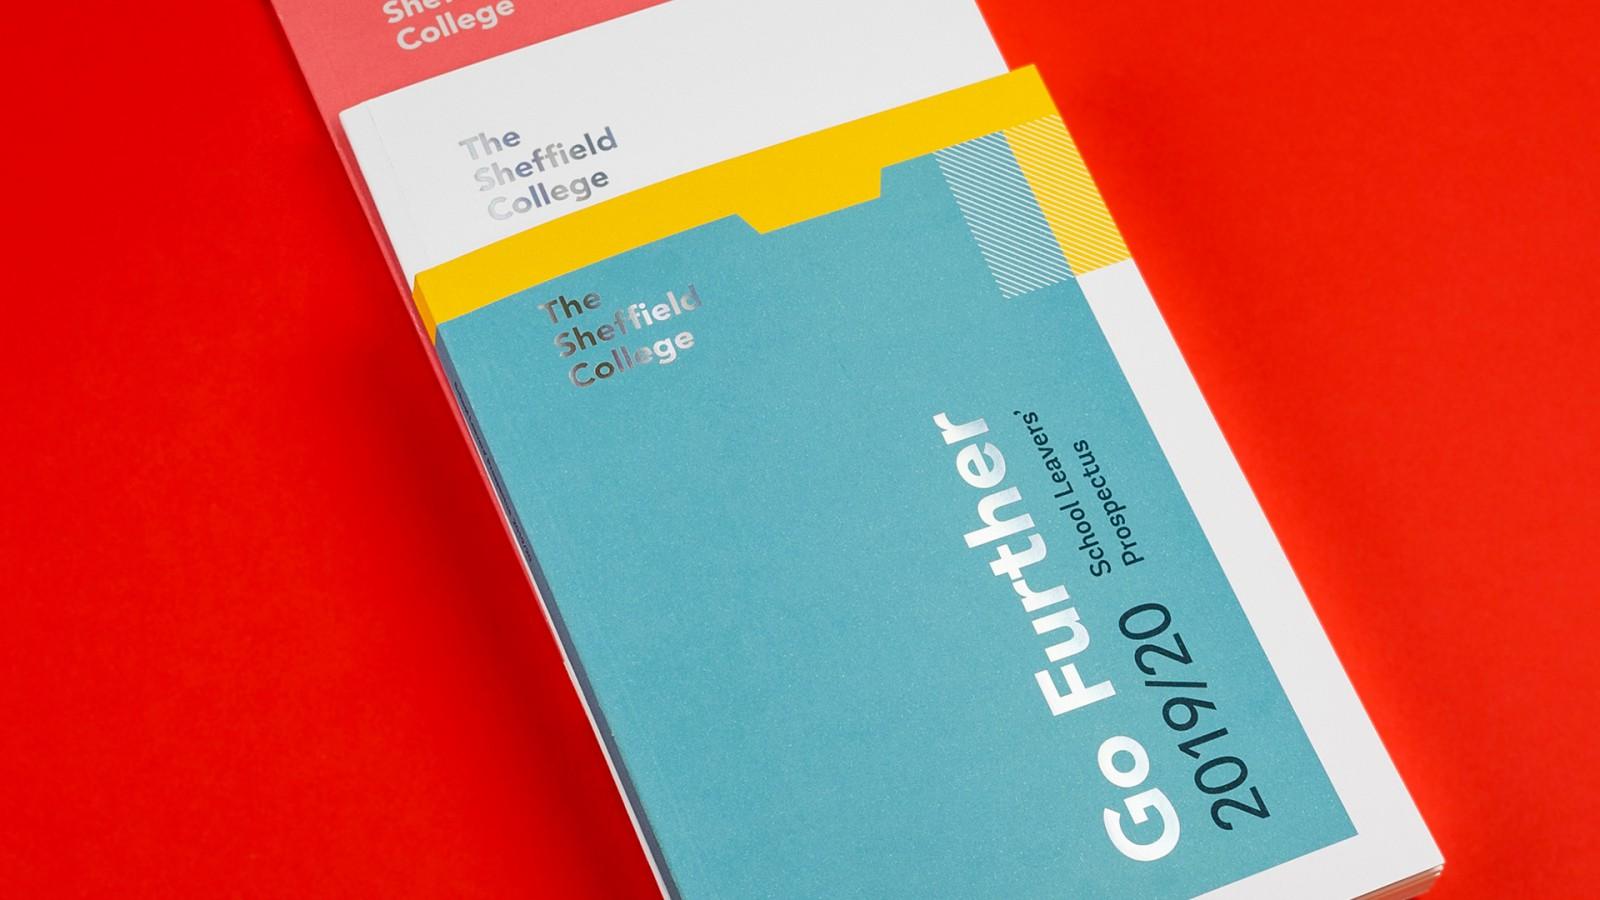 Sheffield-College-Branding_0028_Layer 3.jpg